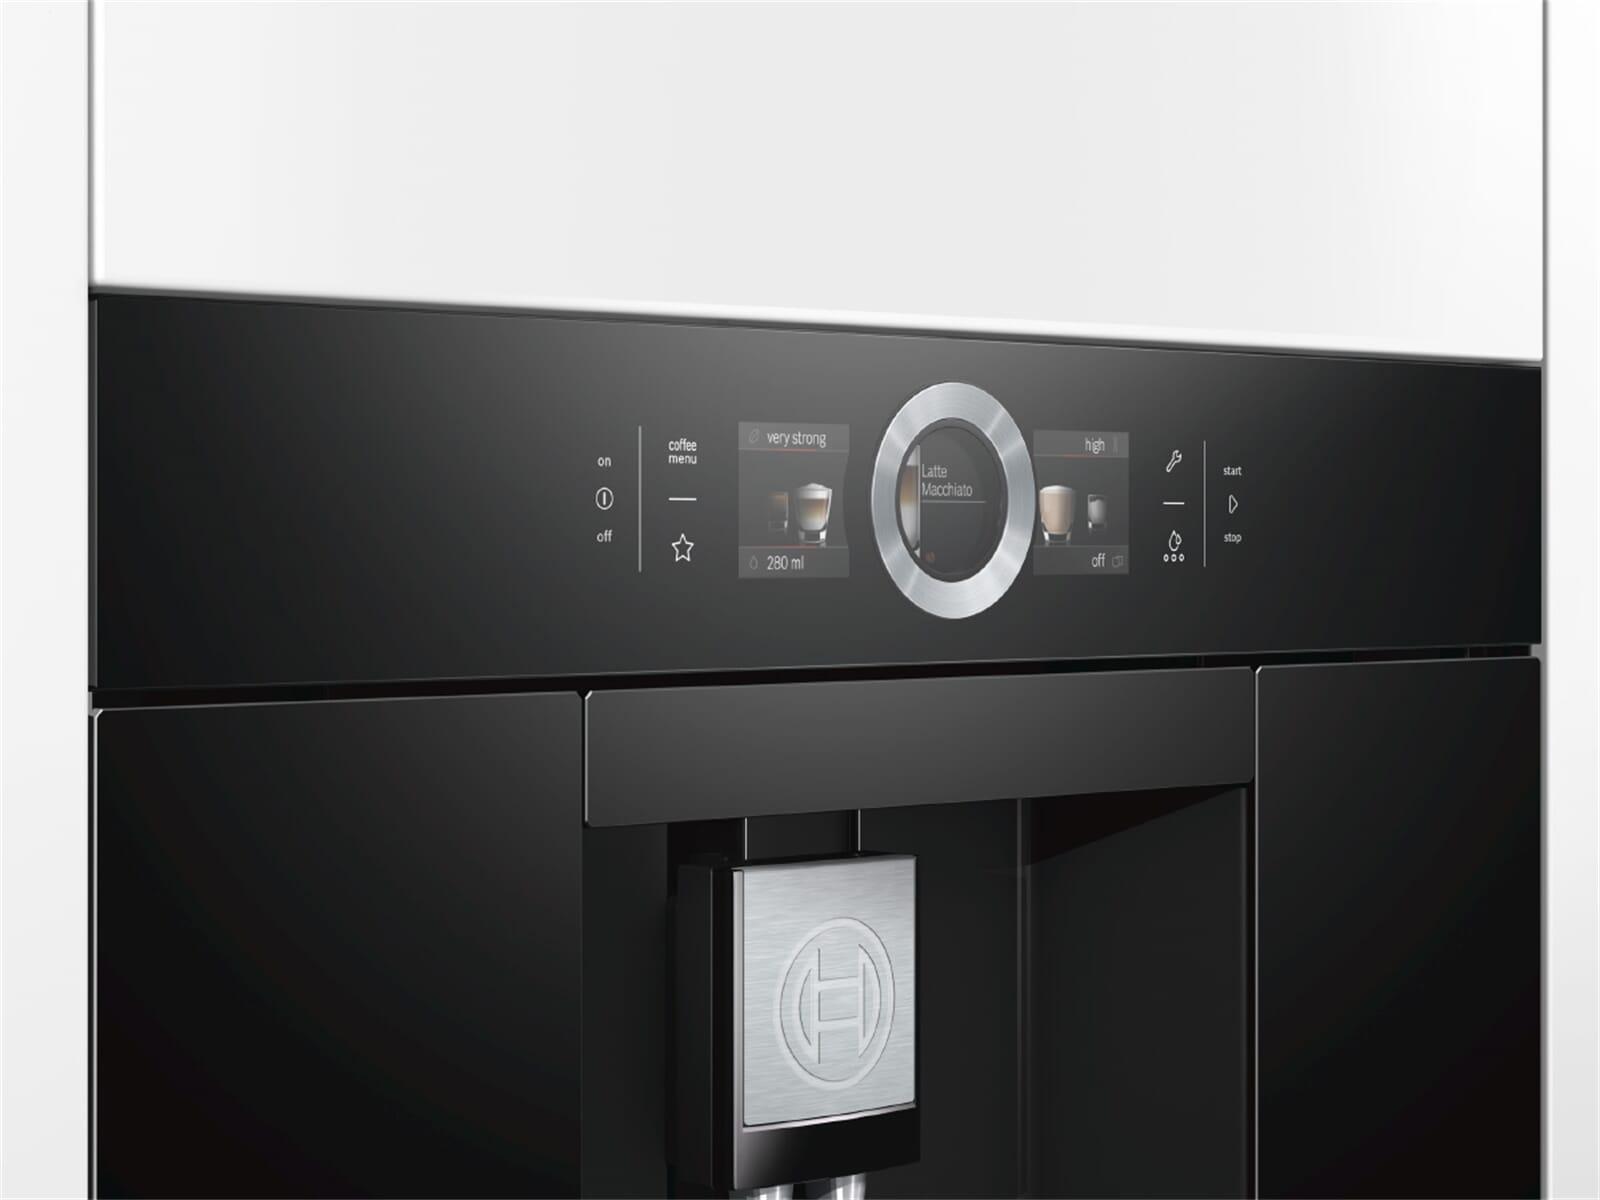 bosch kaffeemaschine einbau. Black Bedroom Furniture Sets. Home Design Ideas